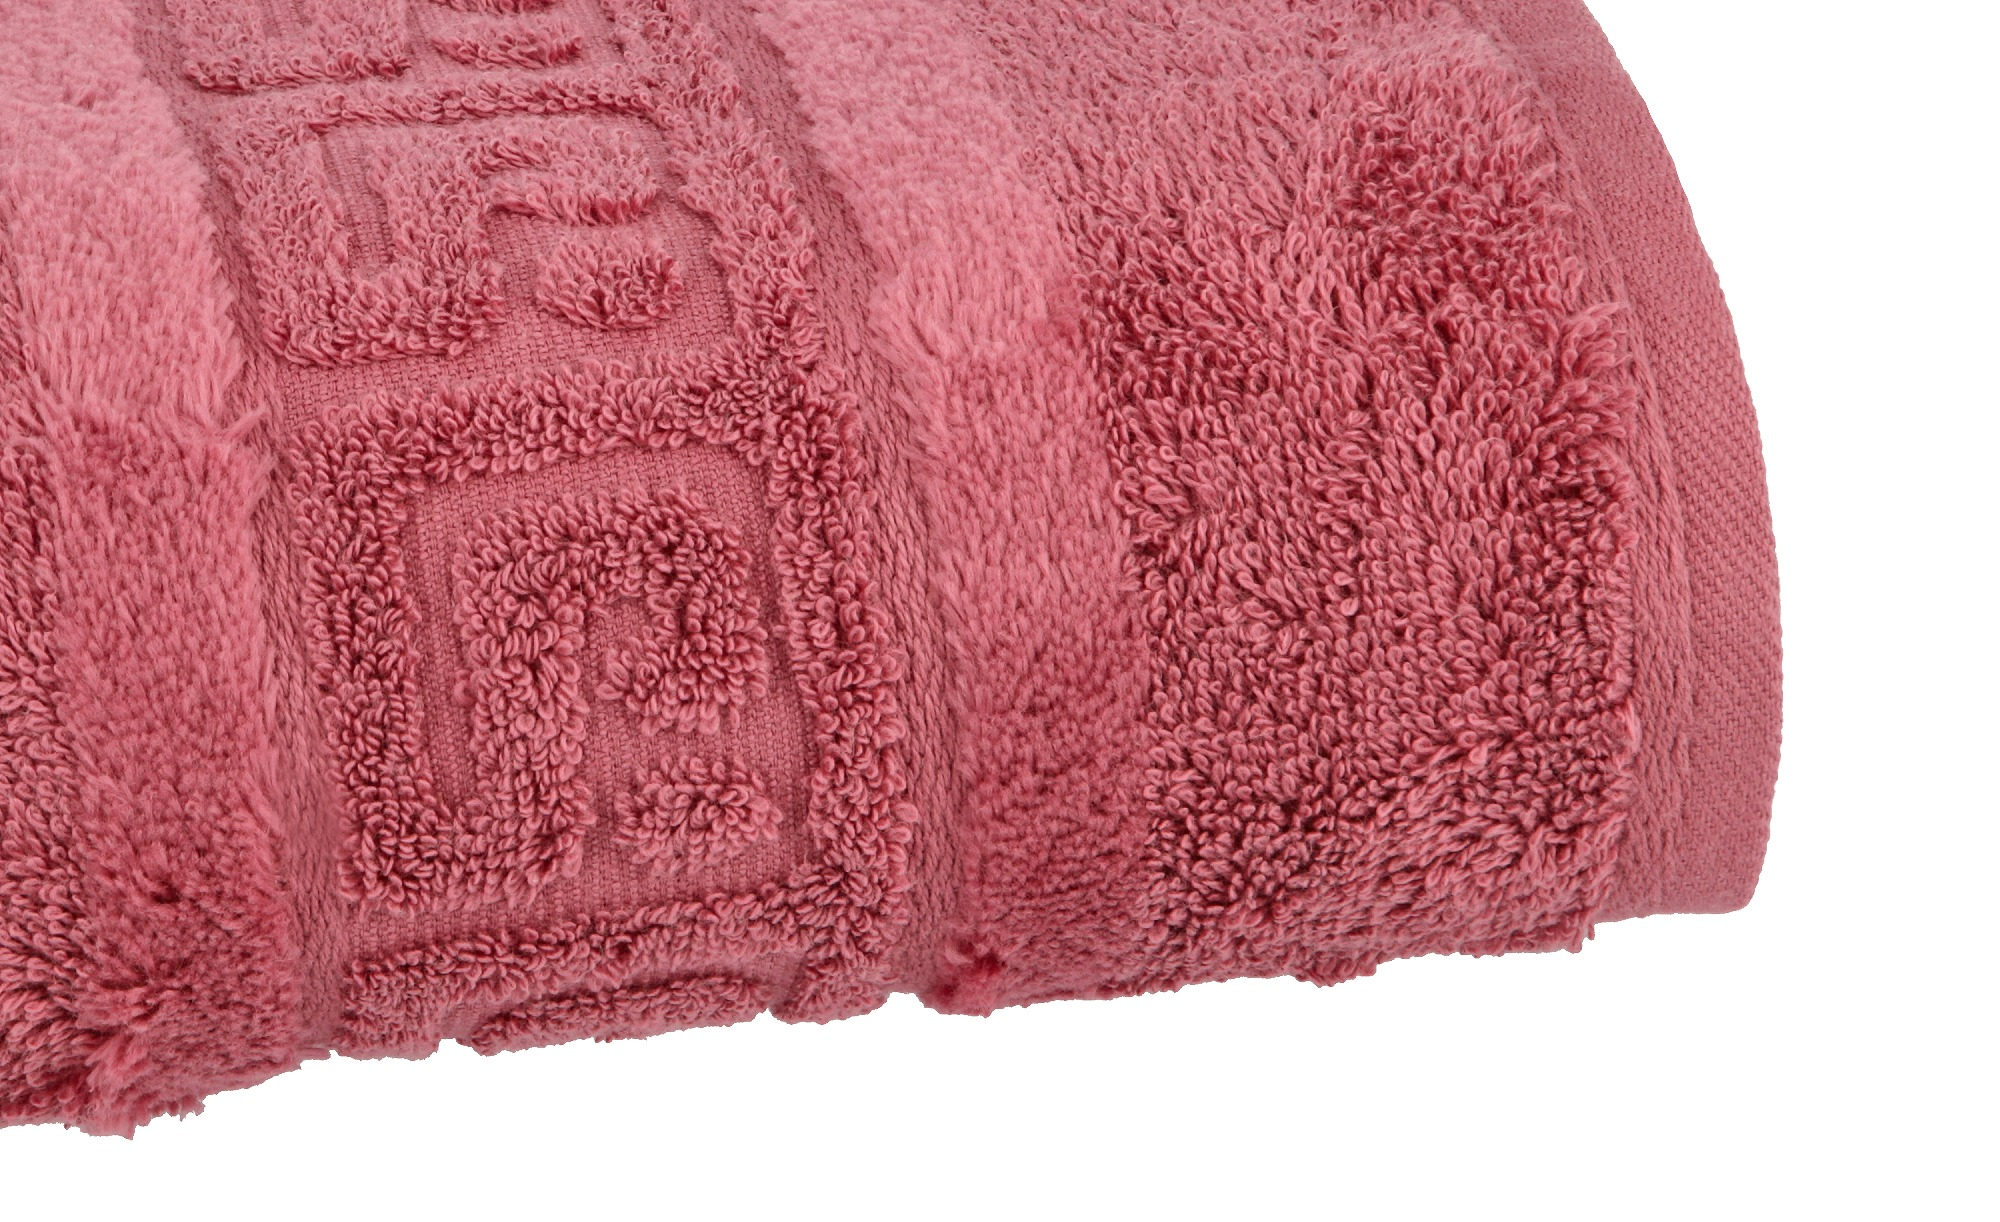 CaWö Handtuch  1001 ¦ rosa/pink ¦ 100% Baumwolle ¦ Maße (cm): B: 50 Badtextilien und Zubehör > Handtücher & Badetücher > Handtücher - Höffner